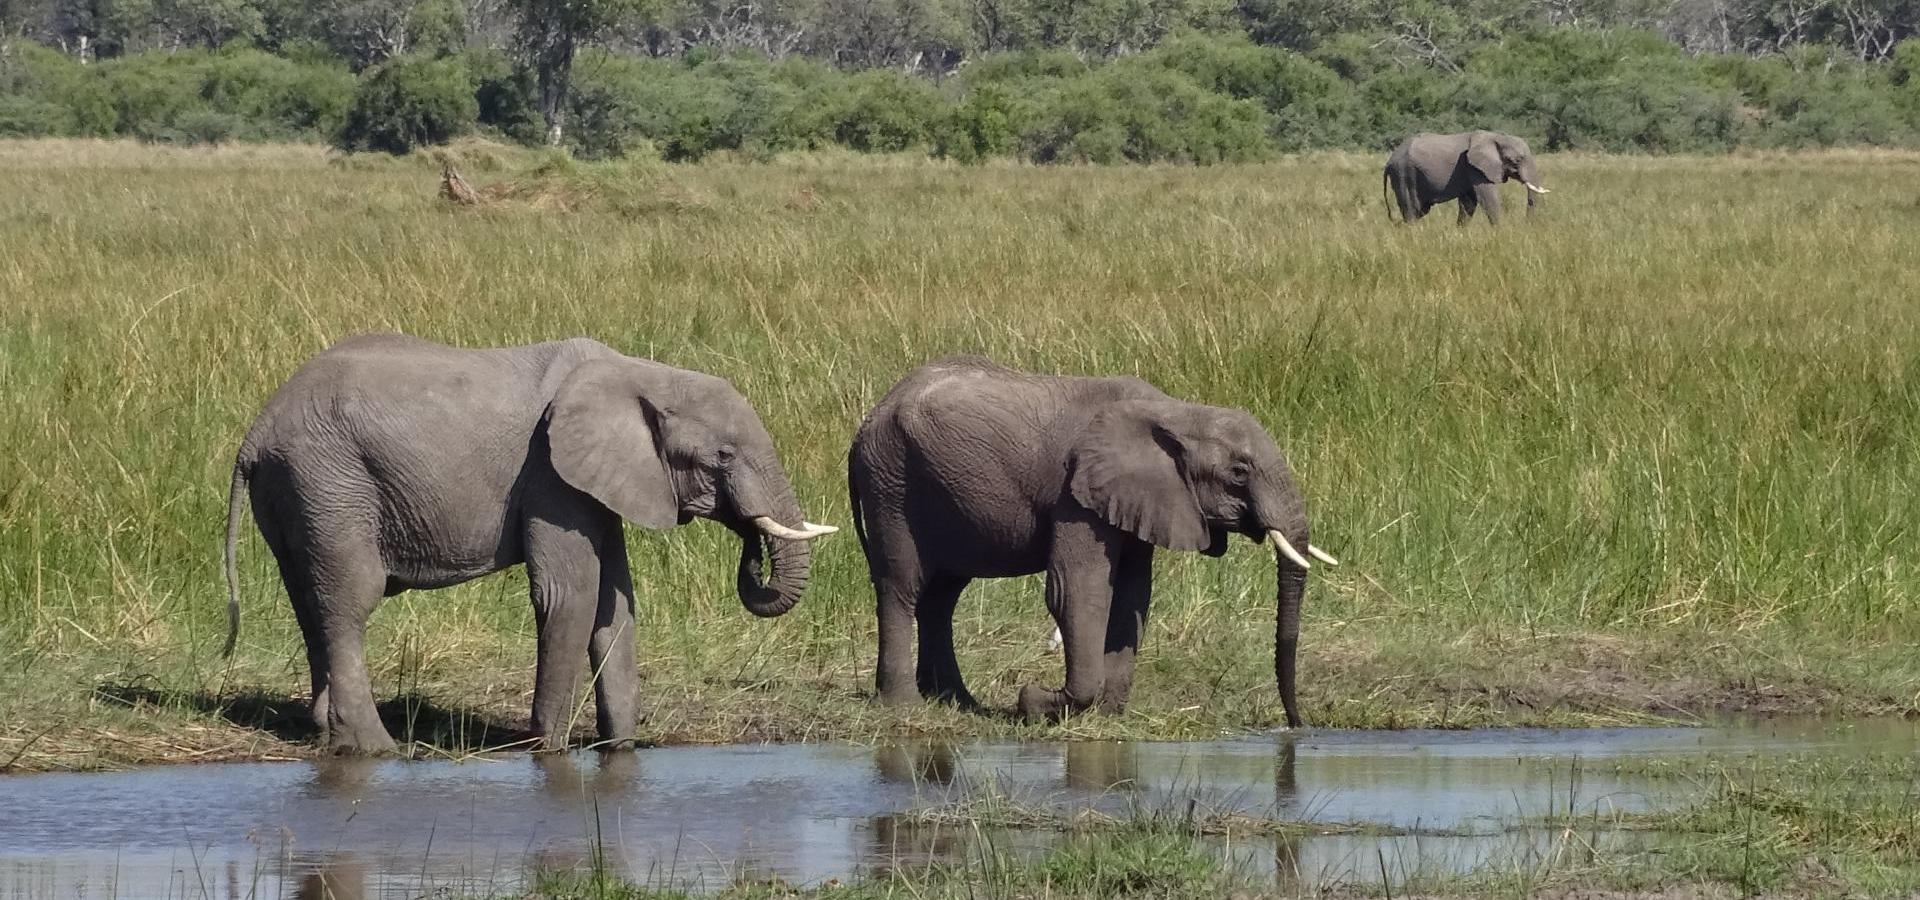 Machen Sie aufregende Tierbeobachtungen im facettenreichen Naturparadies des Okavango Deltas in Botswana